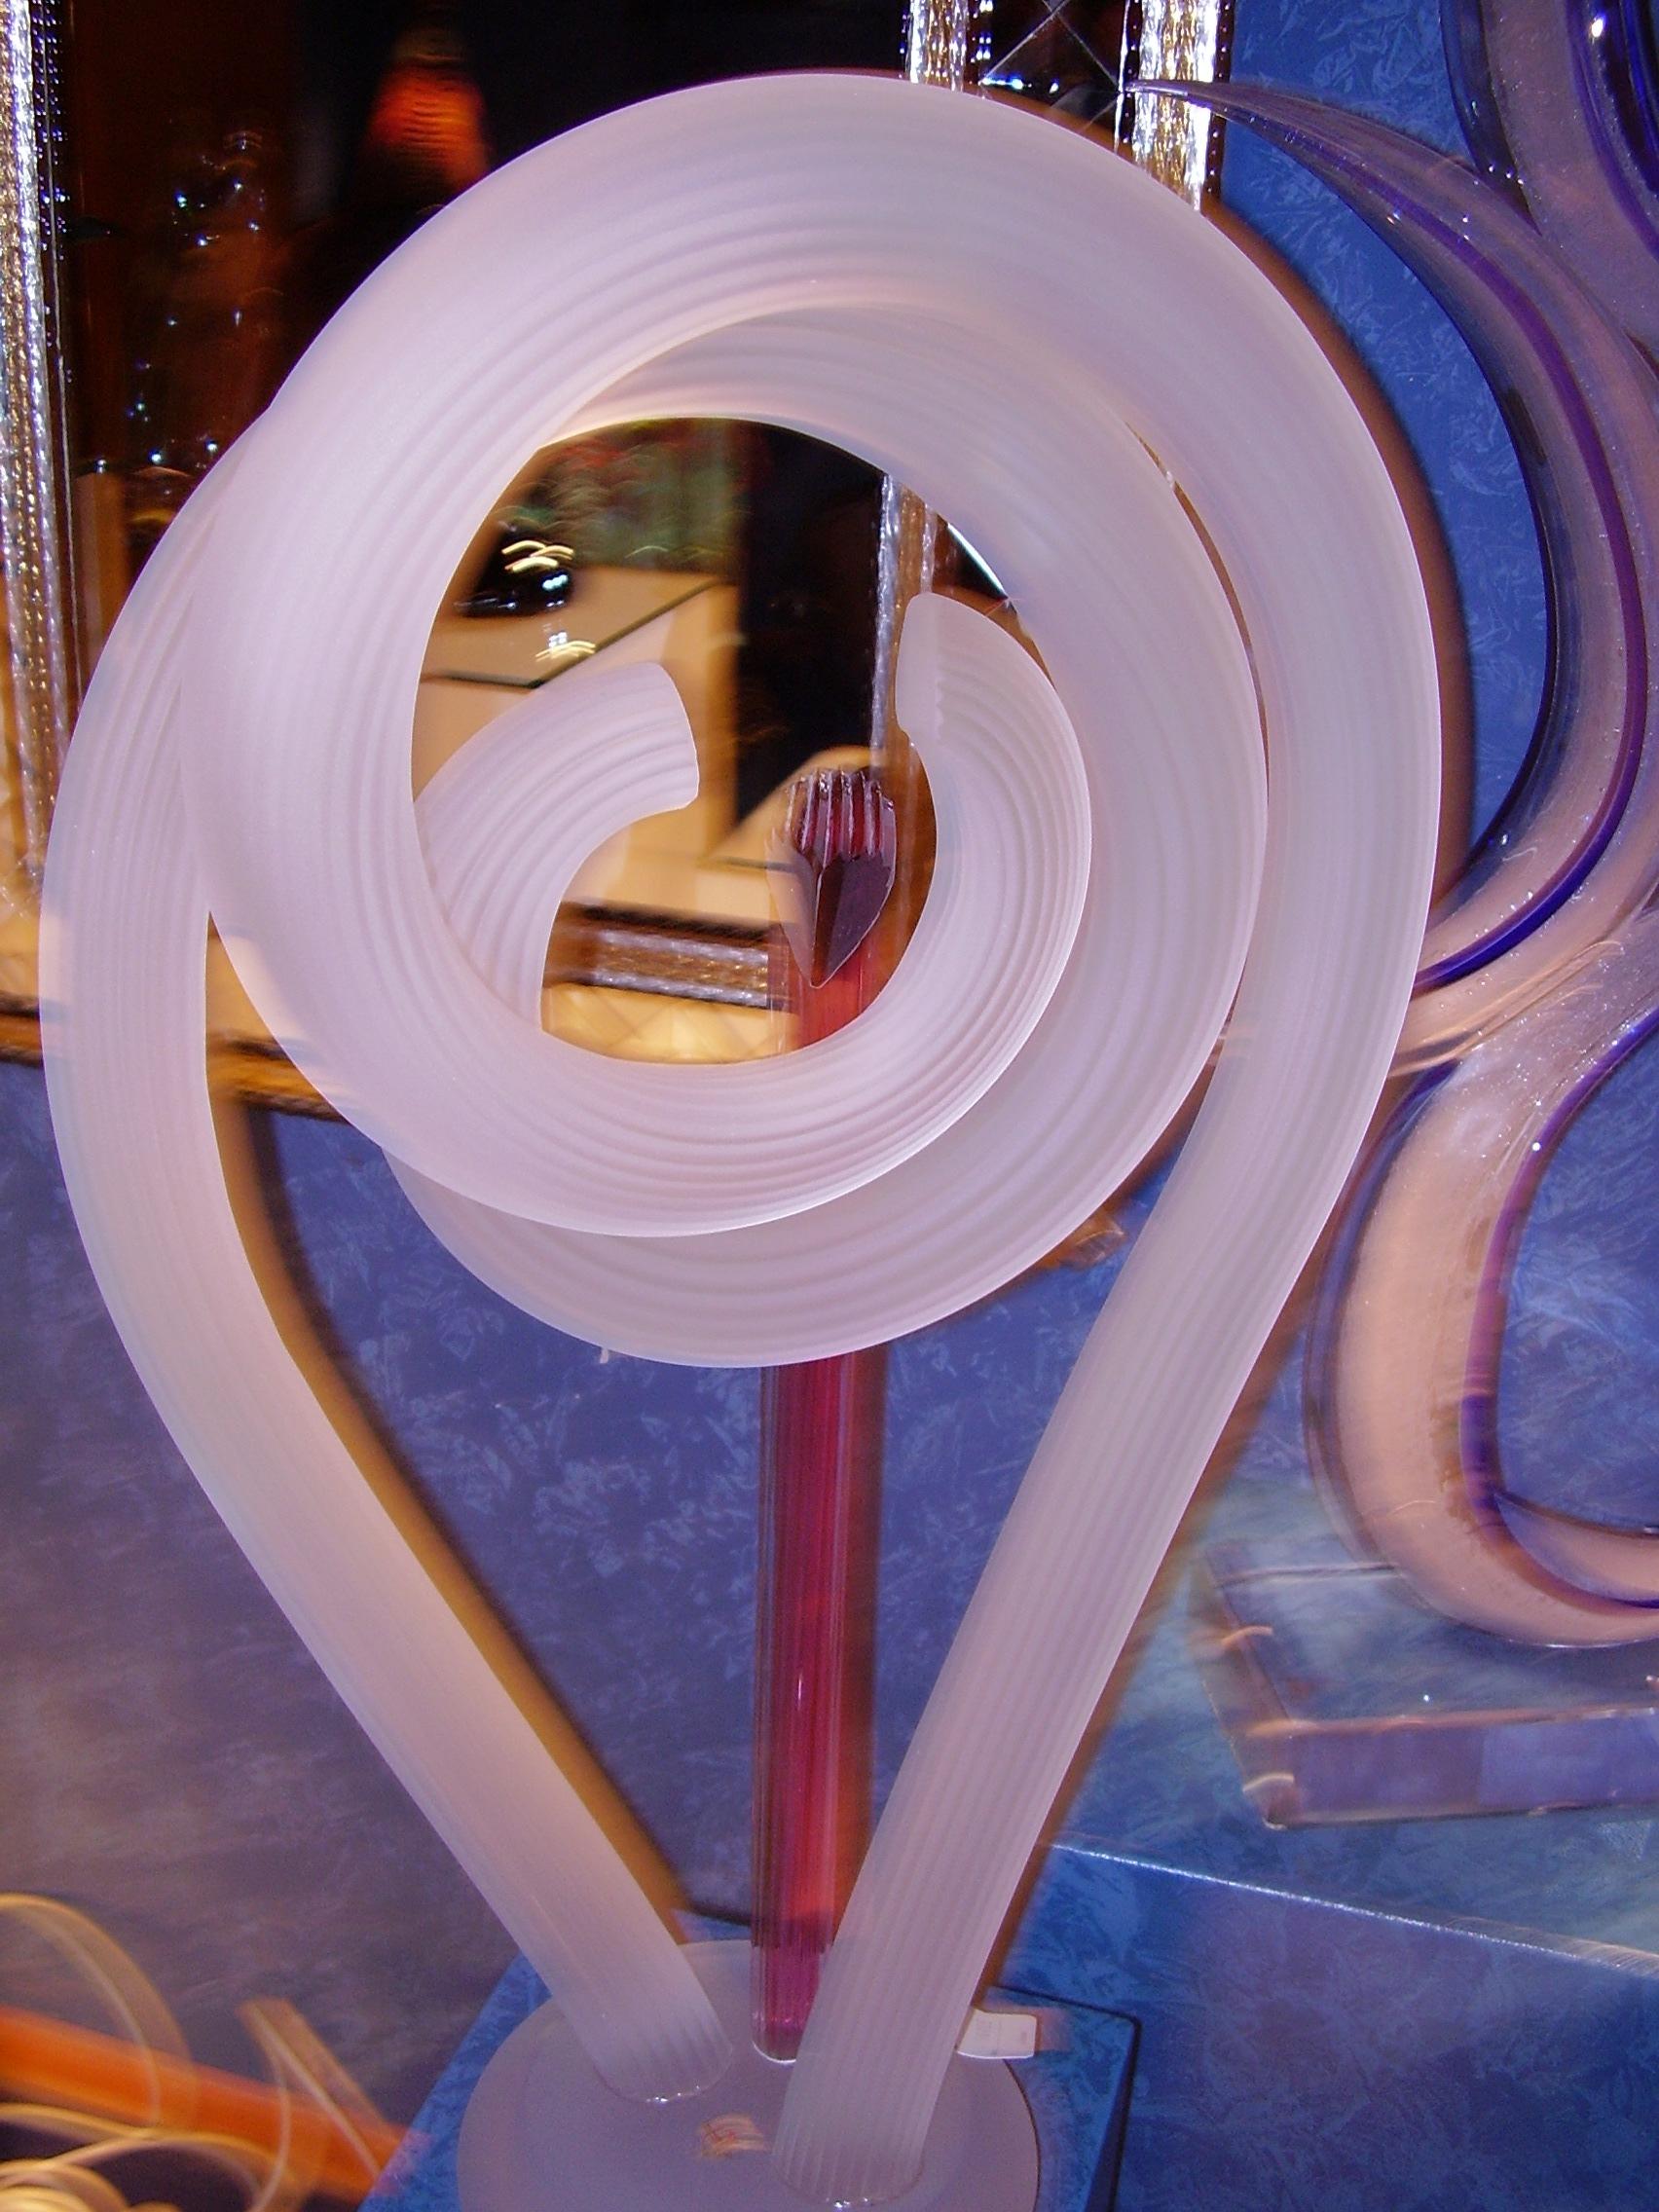 Art contemporain du verre à Venise